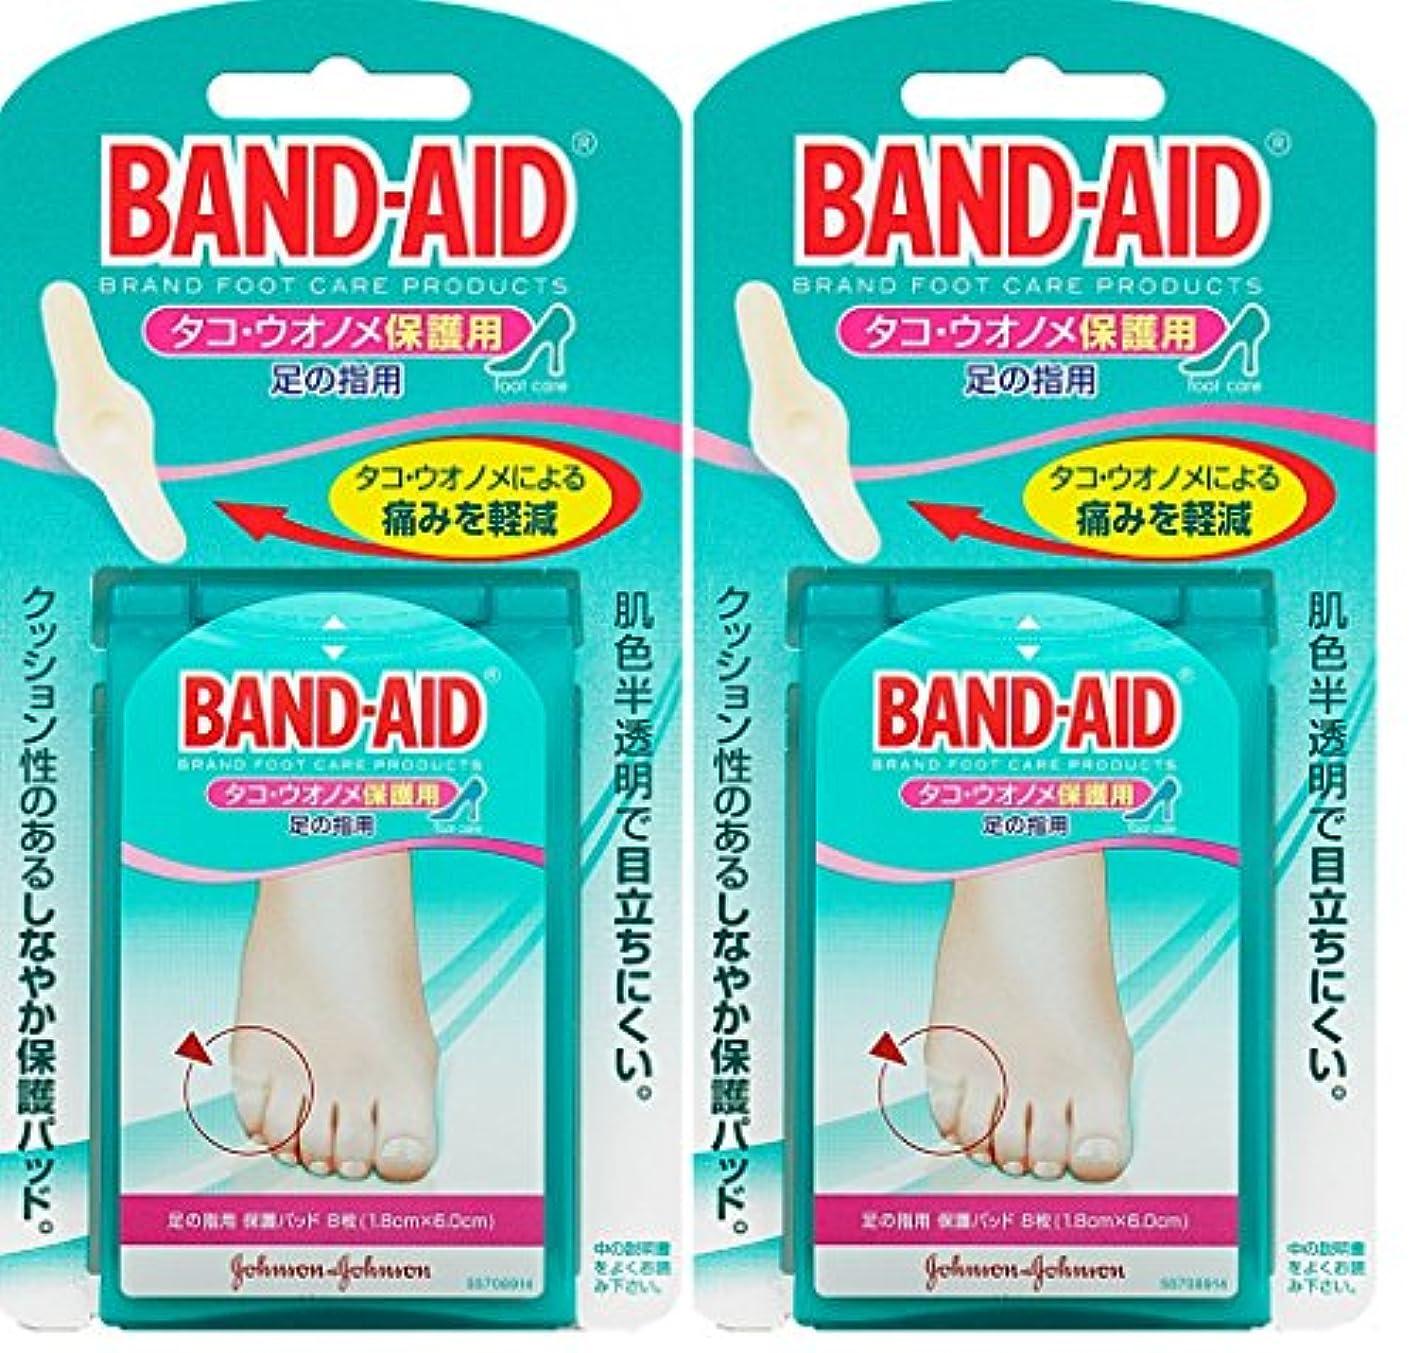 アンビエント知り合い明らか【まとめ買い】BAND-AID(バンドエイド) タコ?ウオノメ保護用 足の指用 8枚×2個